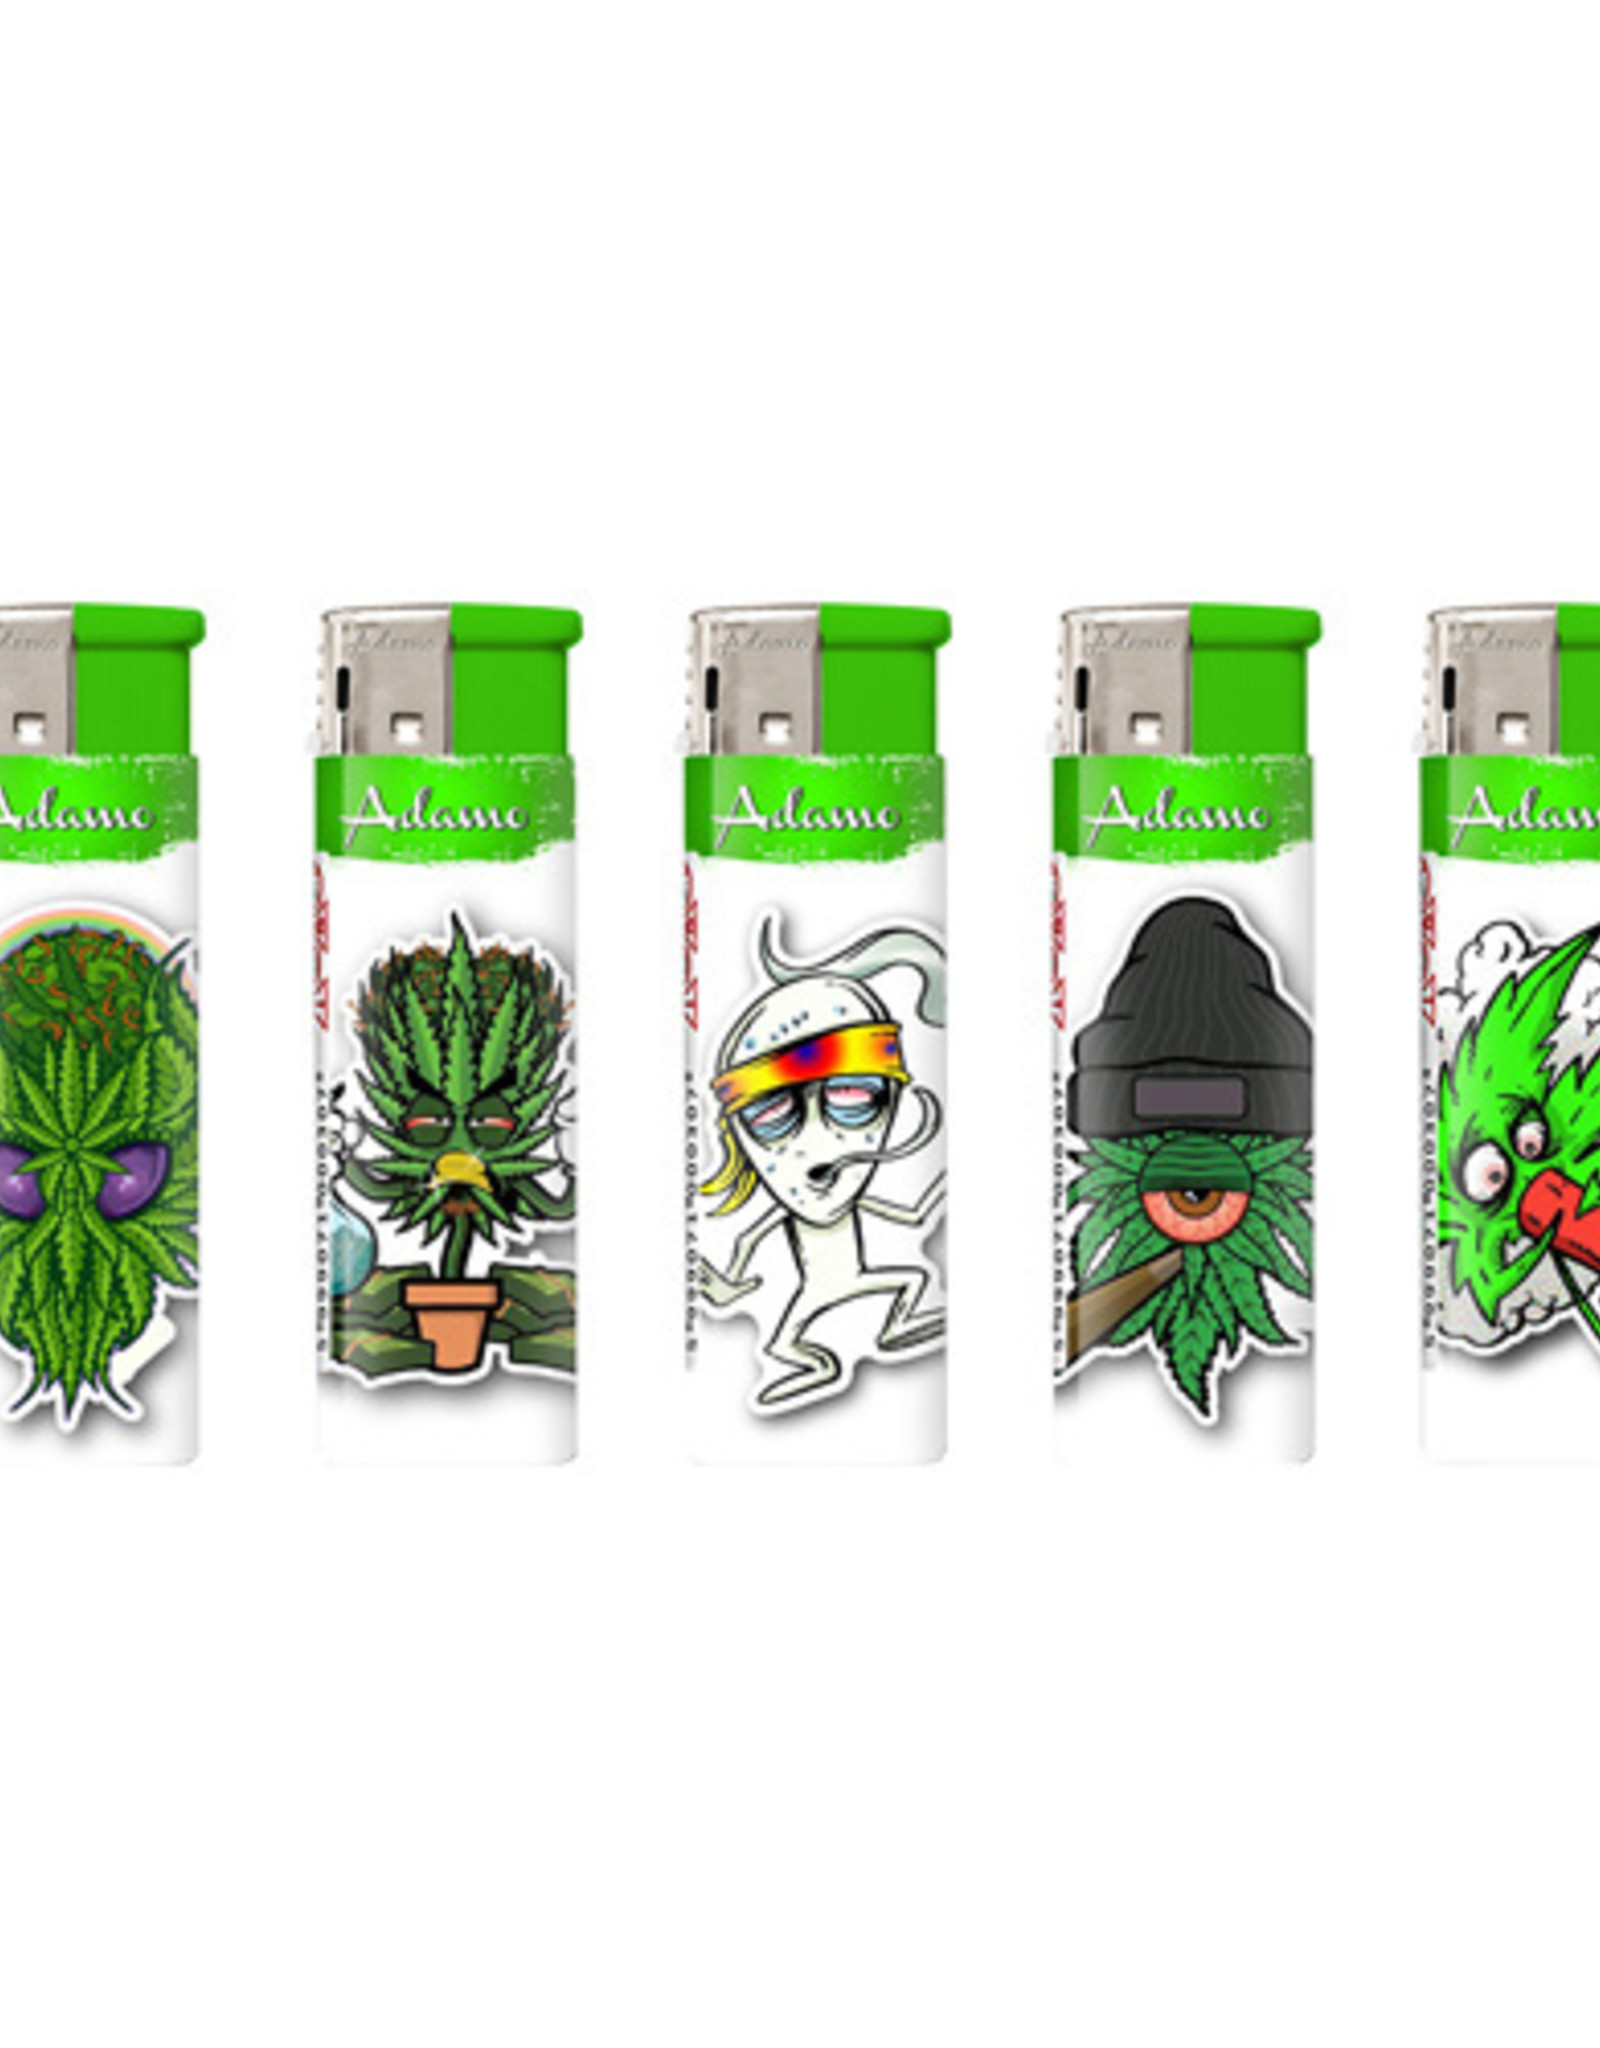 Adamo Green Weed aanstekers